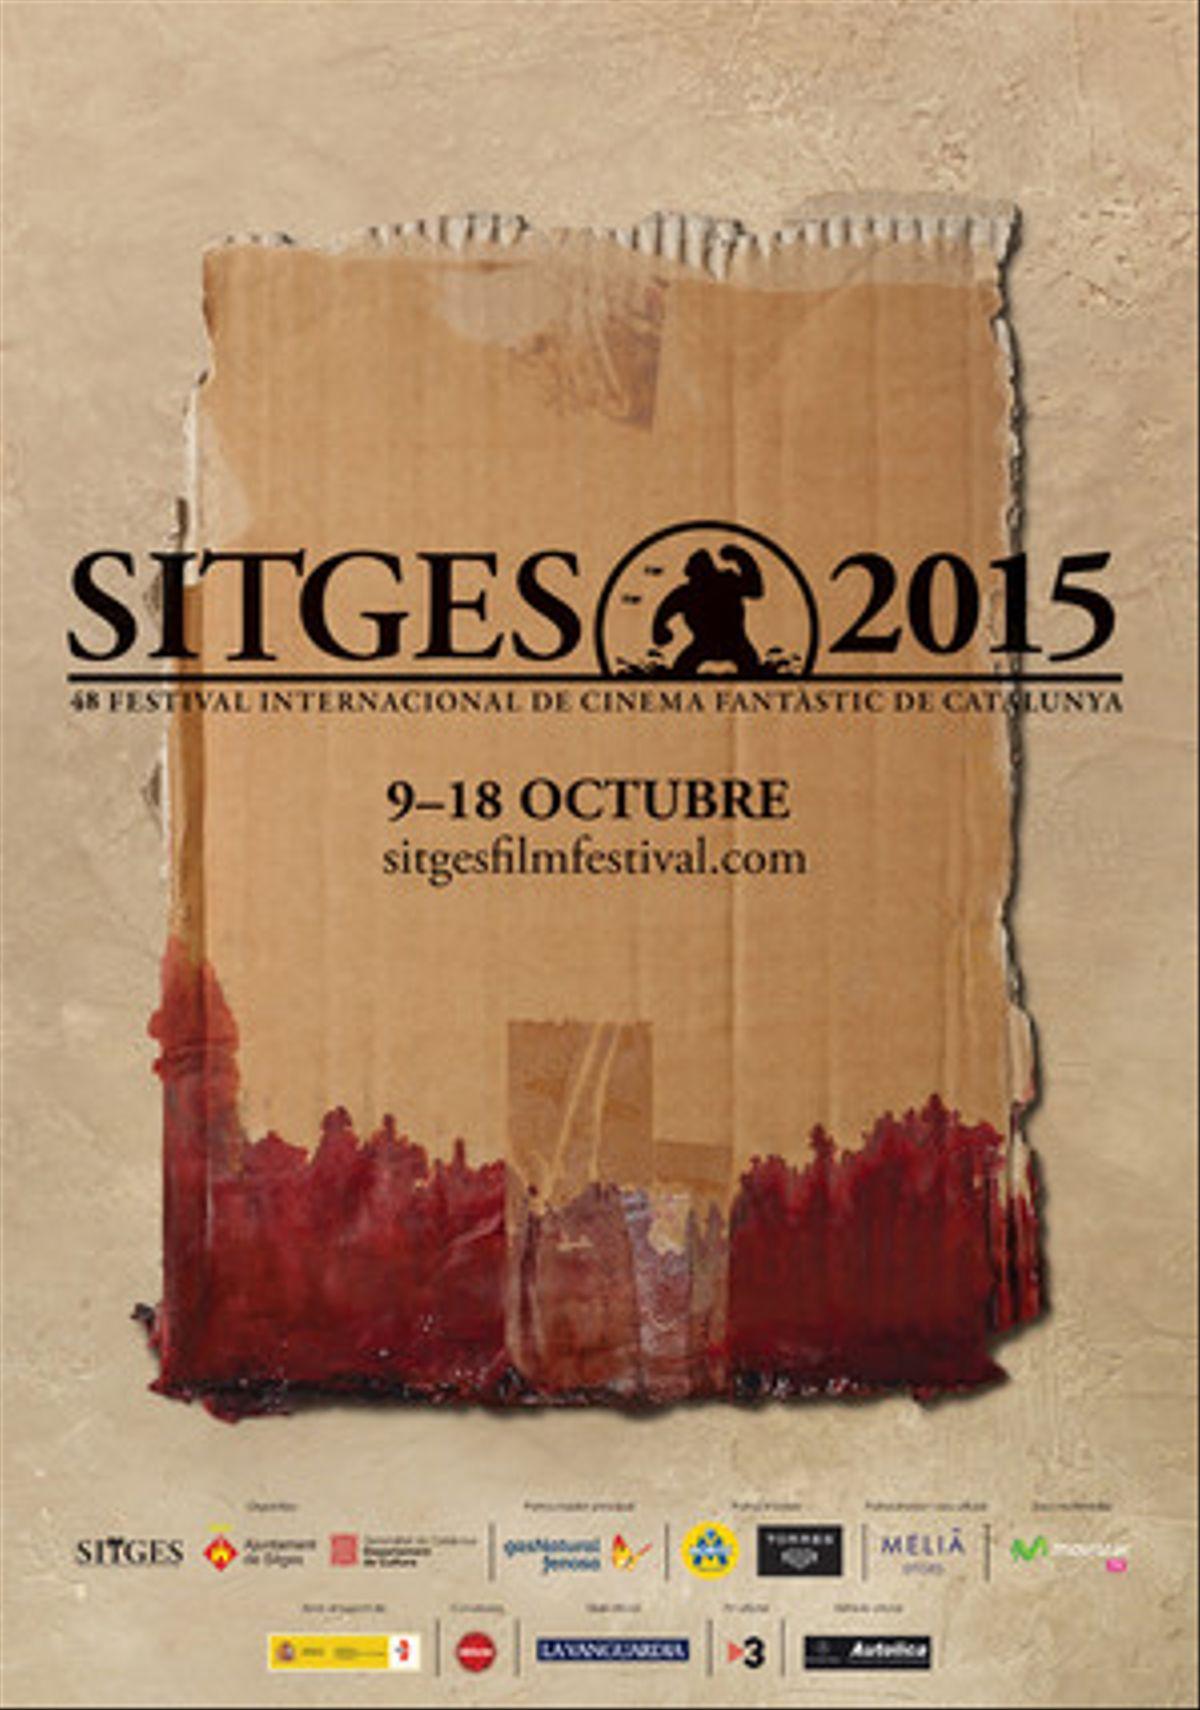 2015 - Festival Internacional de Cinema Fantàstic de Catalunya de Sitges